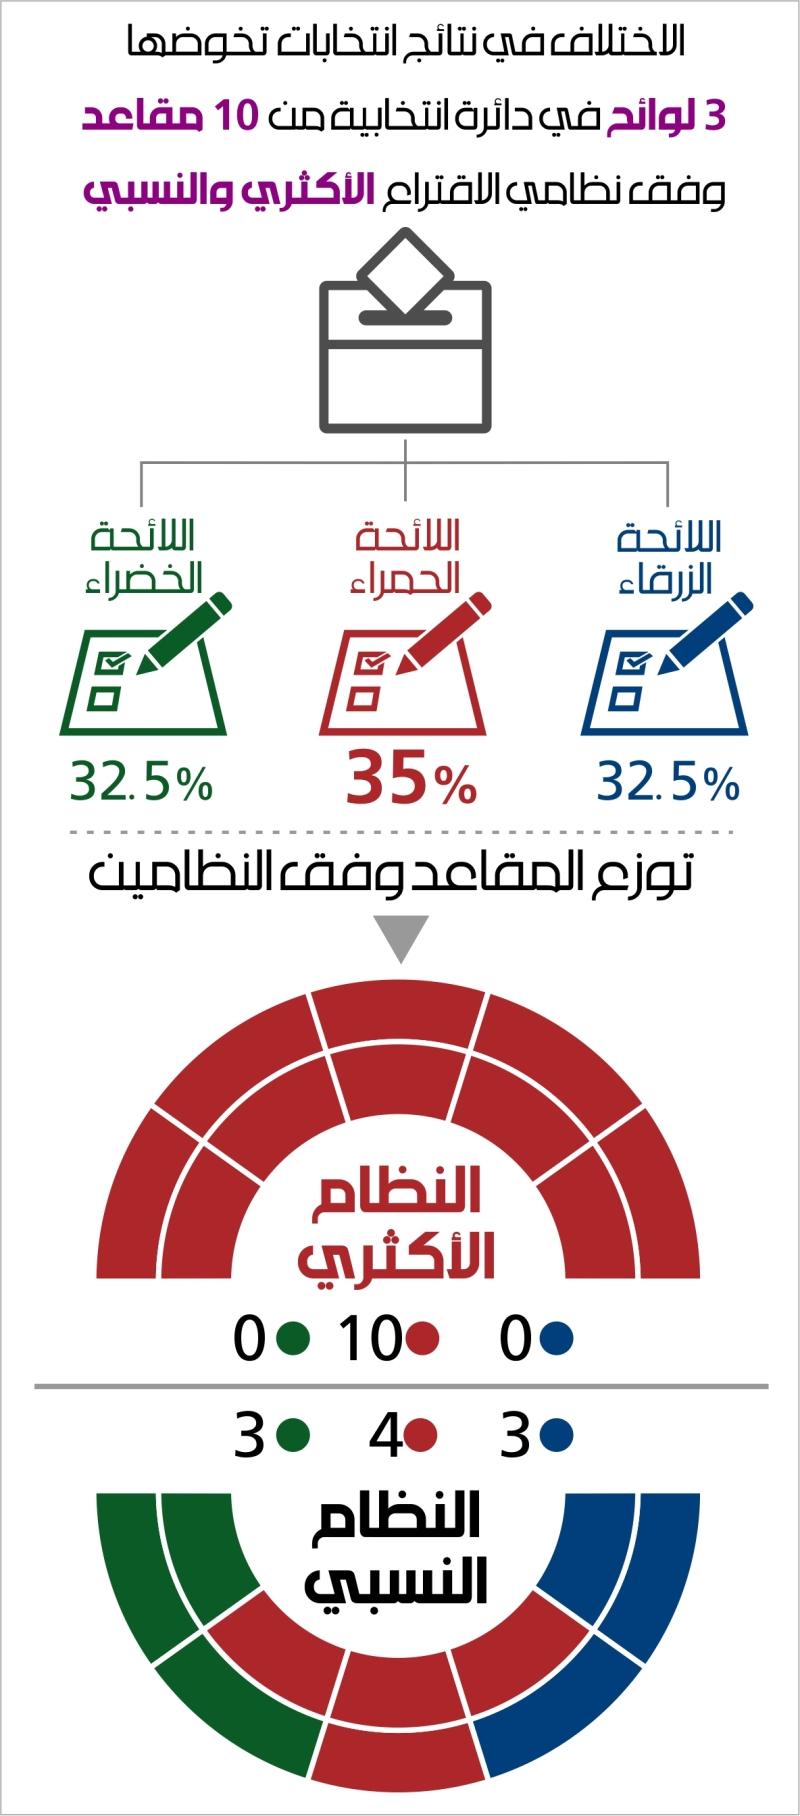 باعتماد النظام الأكثري، يمكن 65 في المئة من المواطنين ألّا يوصِلوا ممثلاً واحداً عنهم، ليحصد 35 في المئة جميع مقاعد الدائرة (سنان عيسى)